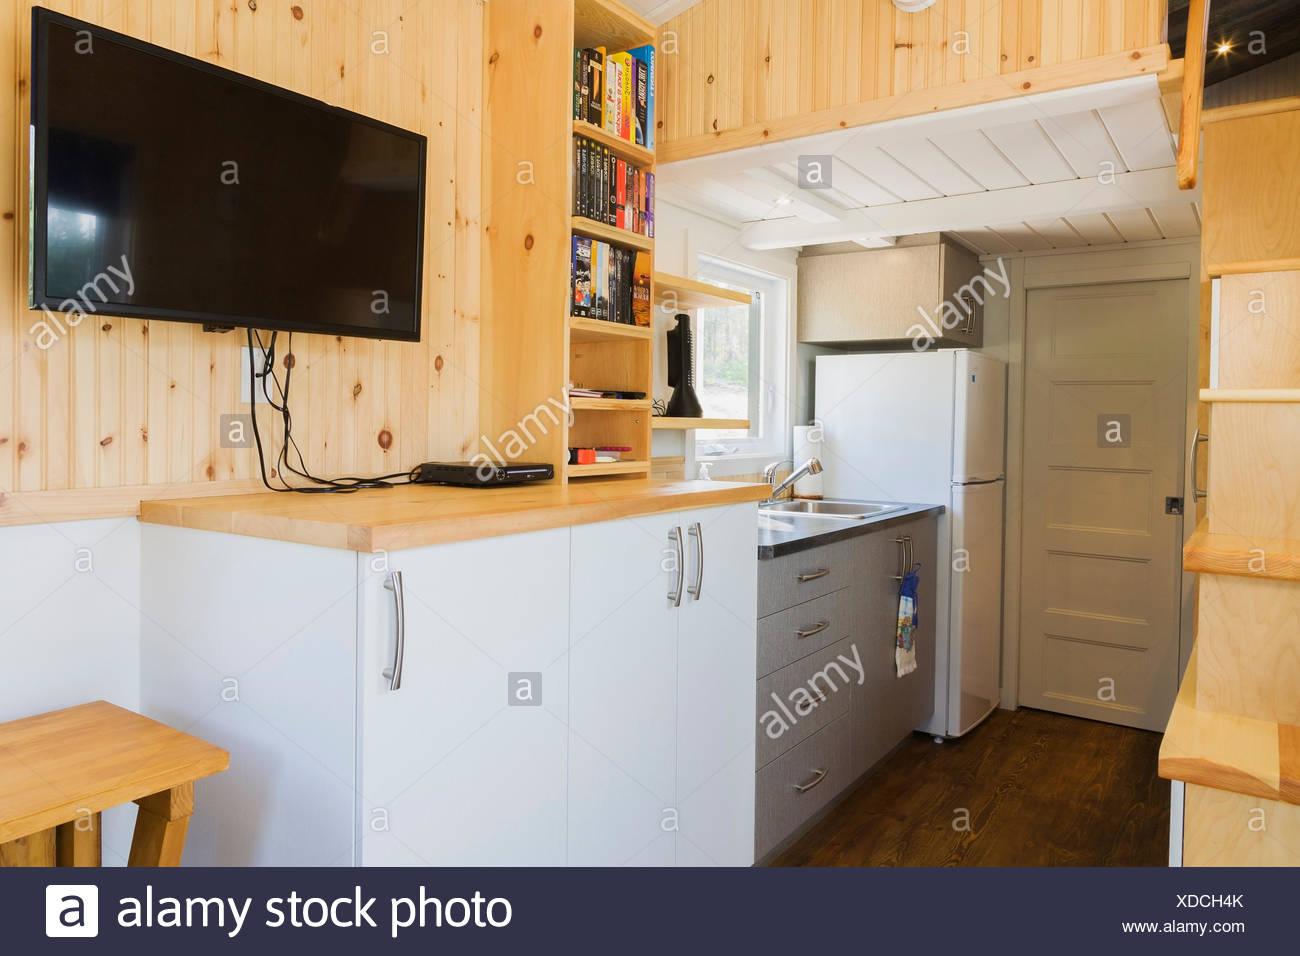 Fantastisch Kanadisches Haus Und Küche Zu Hause Design Ideen - Ideen ...